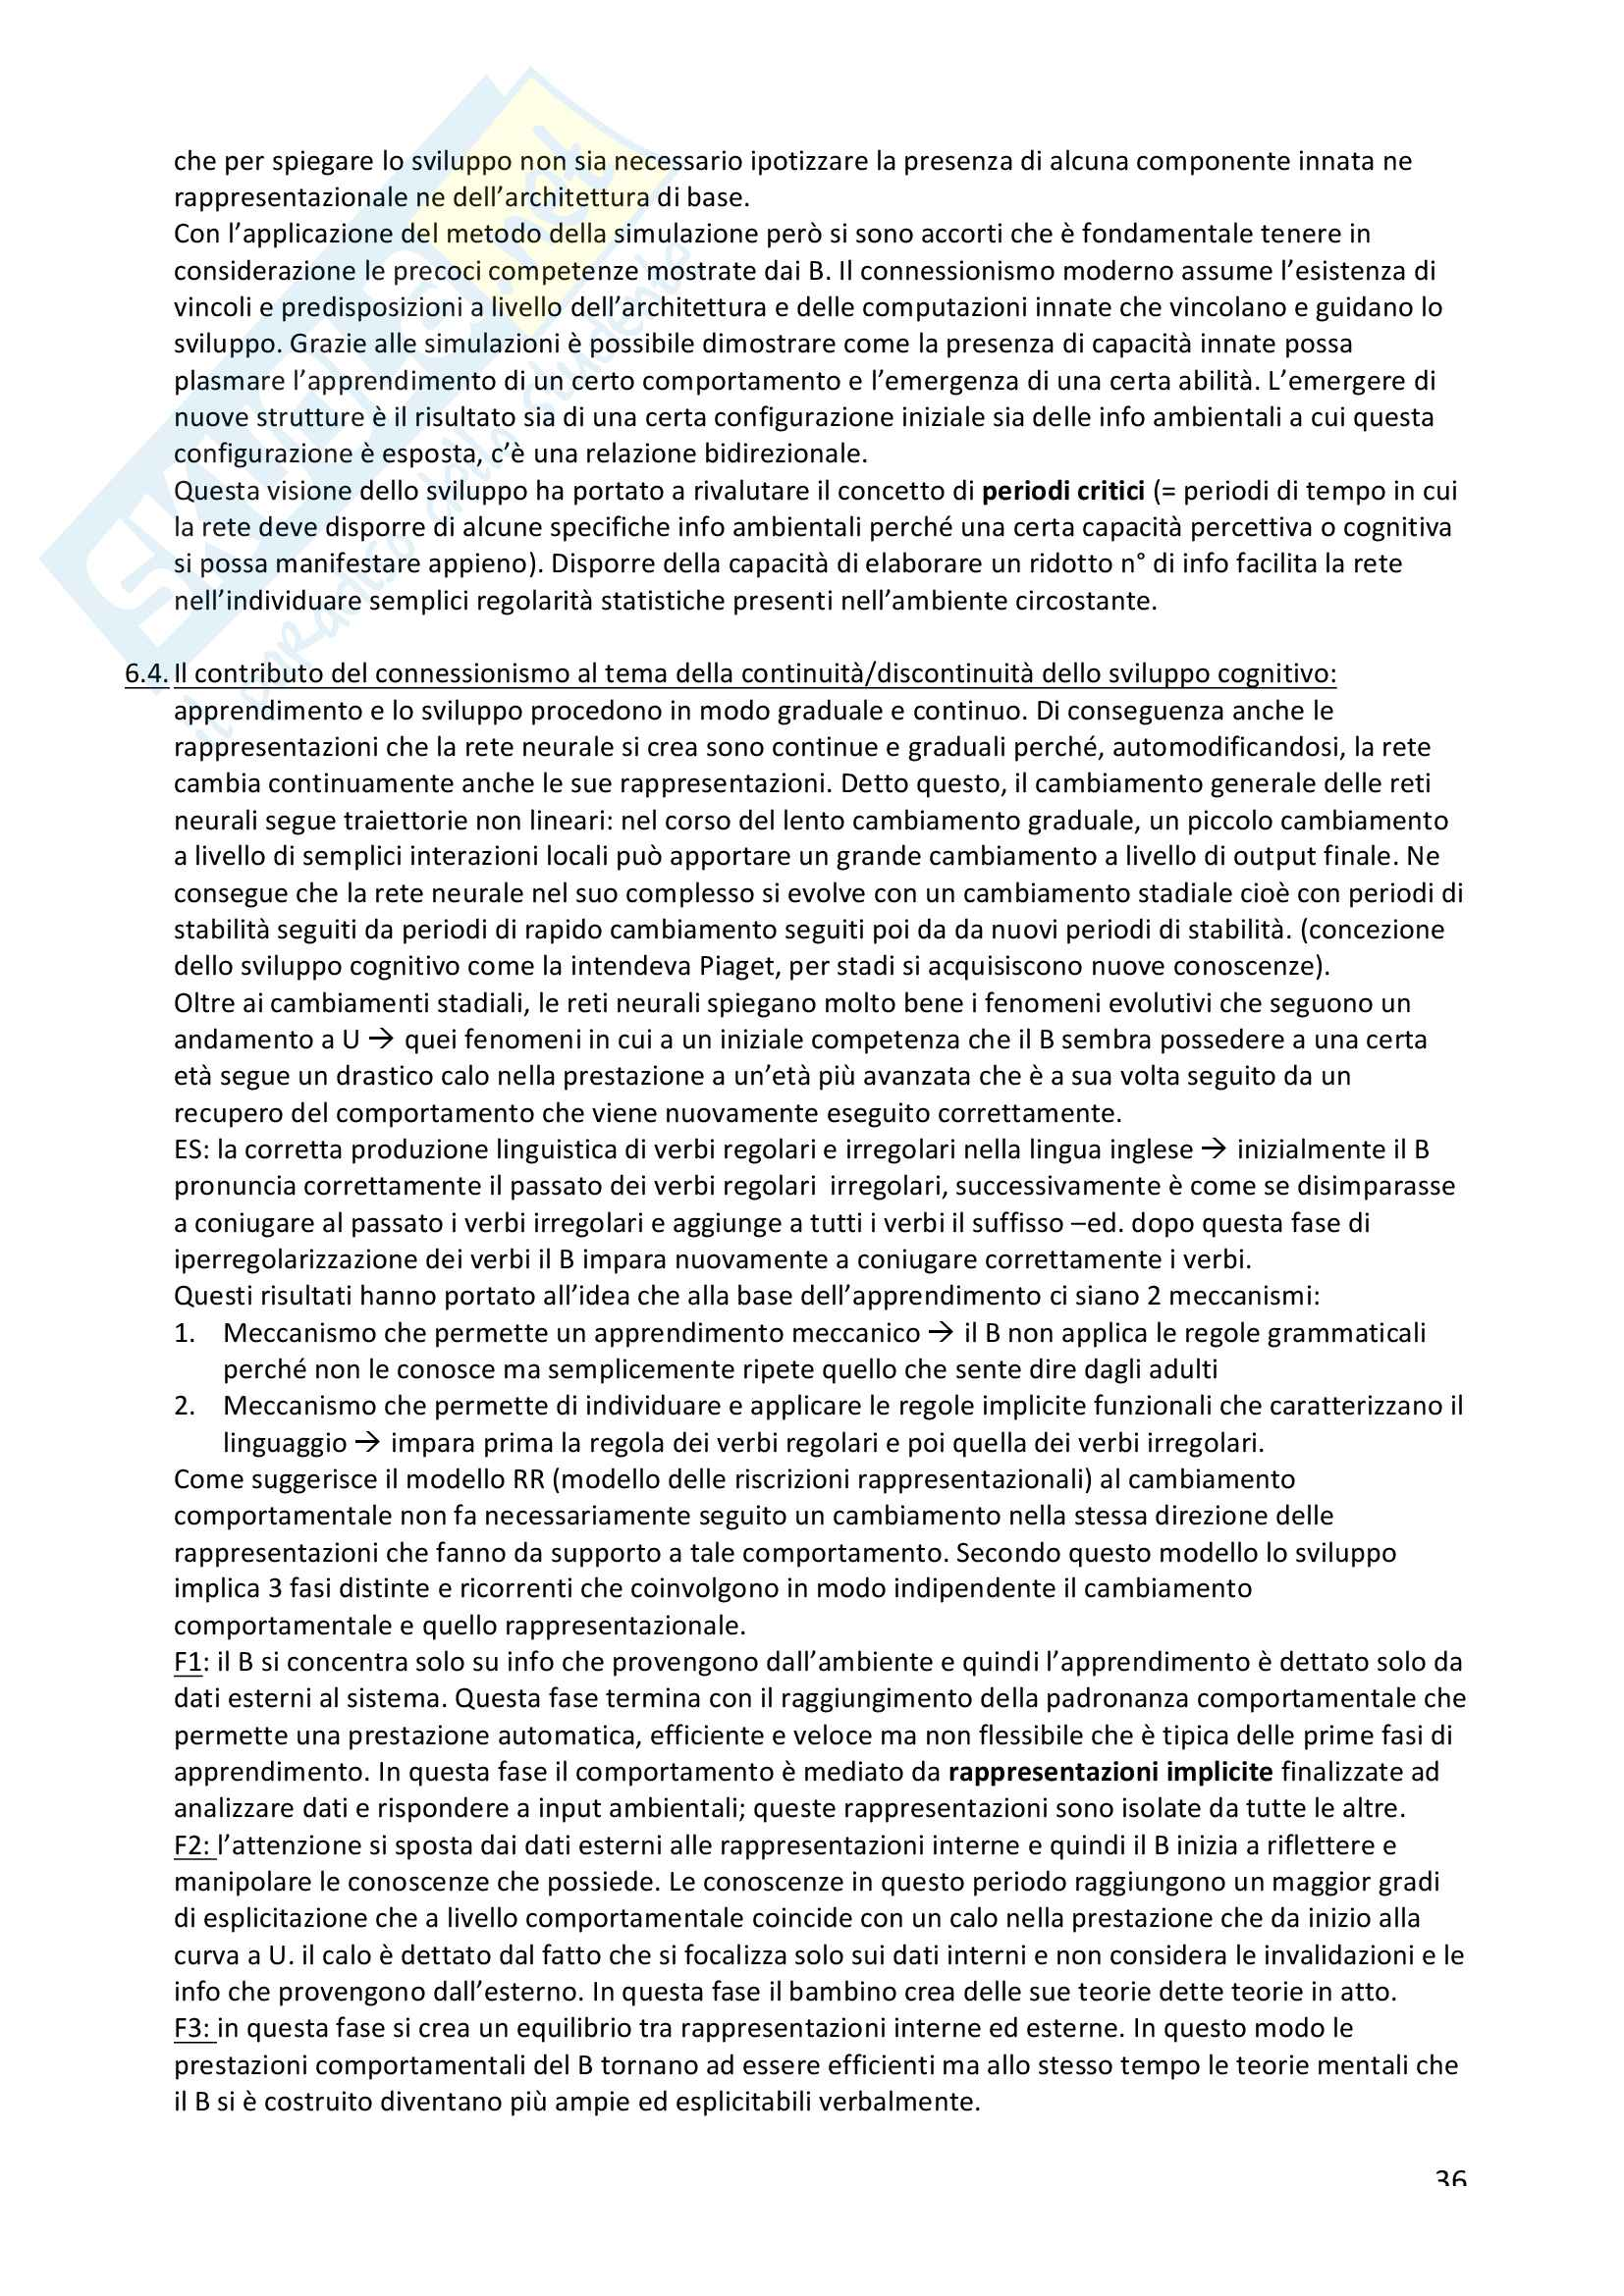 Riassunto esame psicologia dello sviluppo cognitivo, Prof Macchi Cassia e Turati, tutto il materiale: lo sviluppo della mente umana, sviluppo motorio, teoria della mente nell'arco della vita Pag. 36